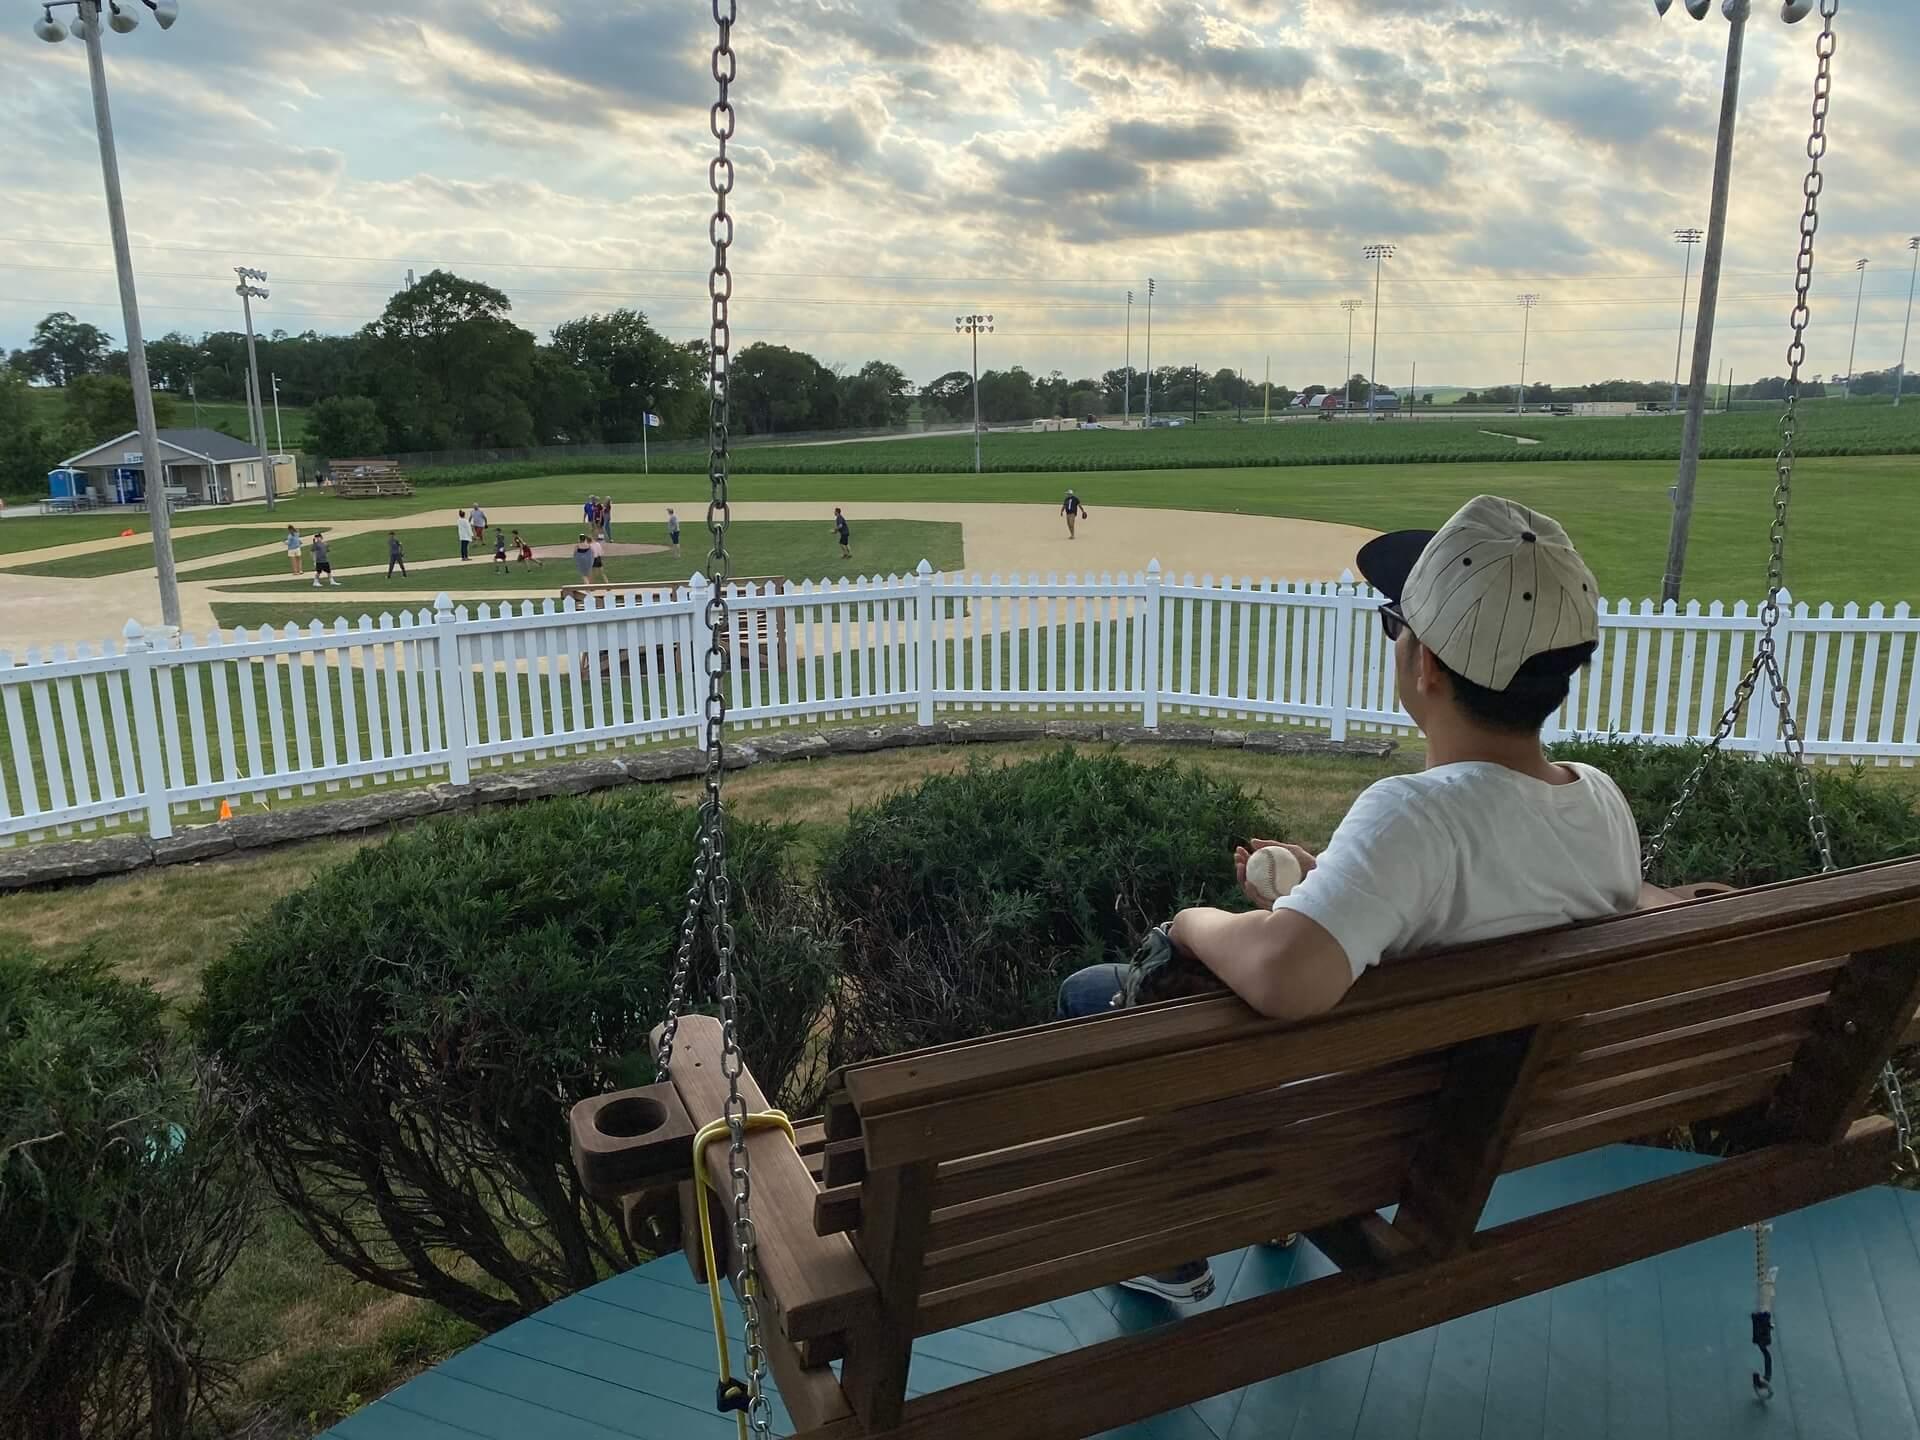 ピース綾部祐二の聖地巡礼を追いかける!90年代あの名作映画のロケ地をめぐる旅 interview-yujiayabe-8